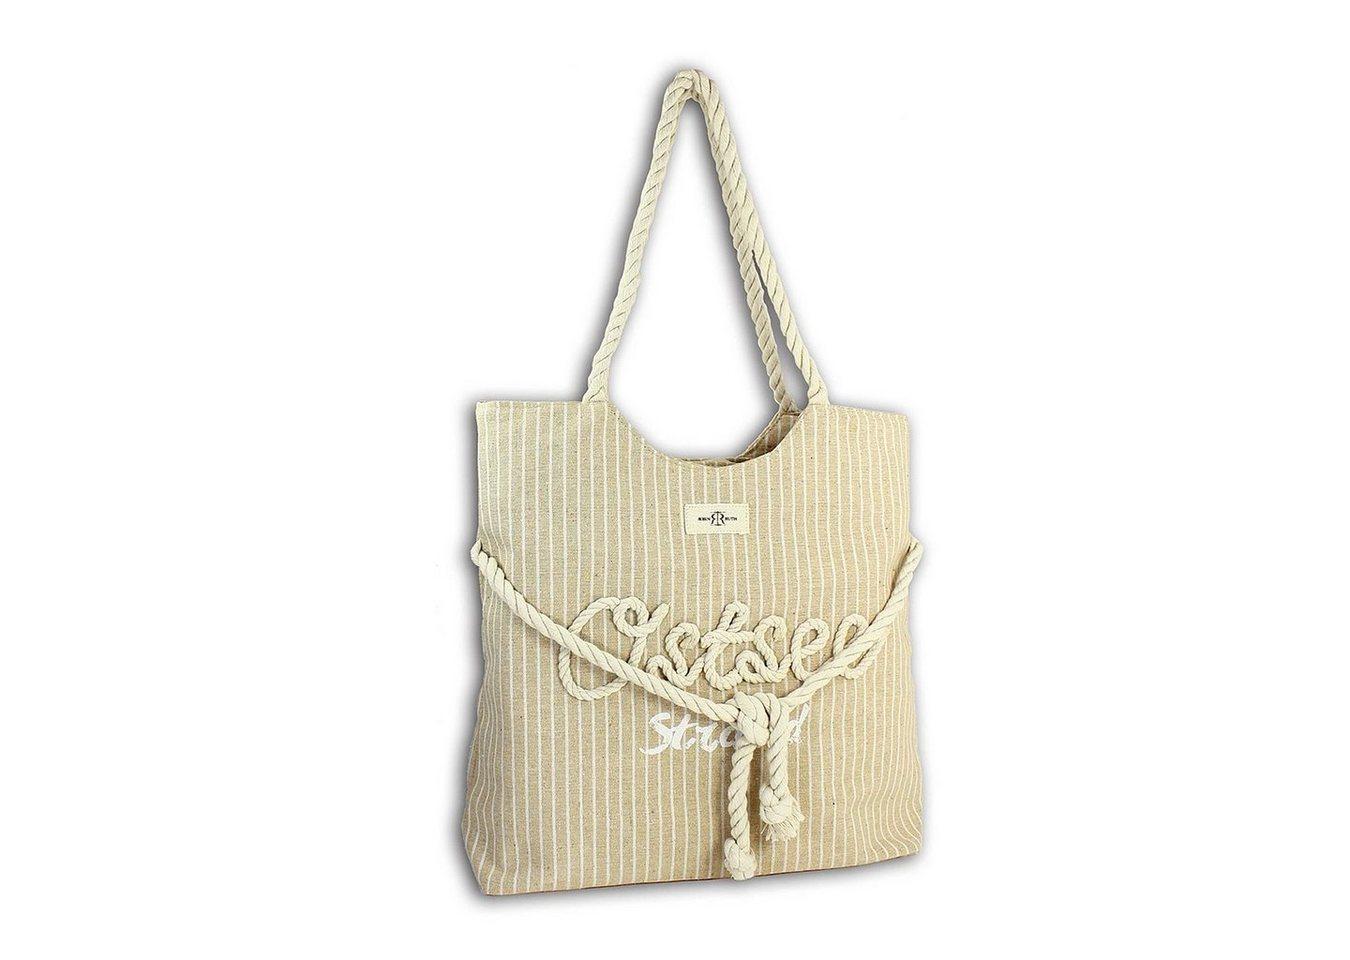 robin ruth -  Schultertasche »OTG2101C  Strandtasche Canvas beige« (Strandtasche), Strandtasche, Schultertasche Baumwolle, Polyester, braun ca. 37cm x ca. 46cm